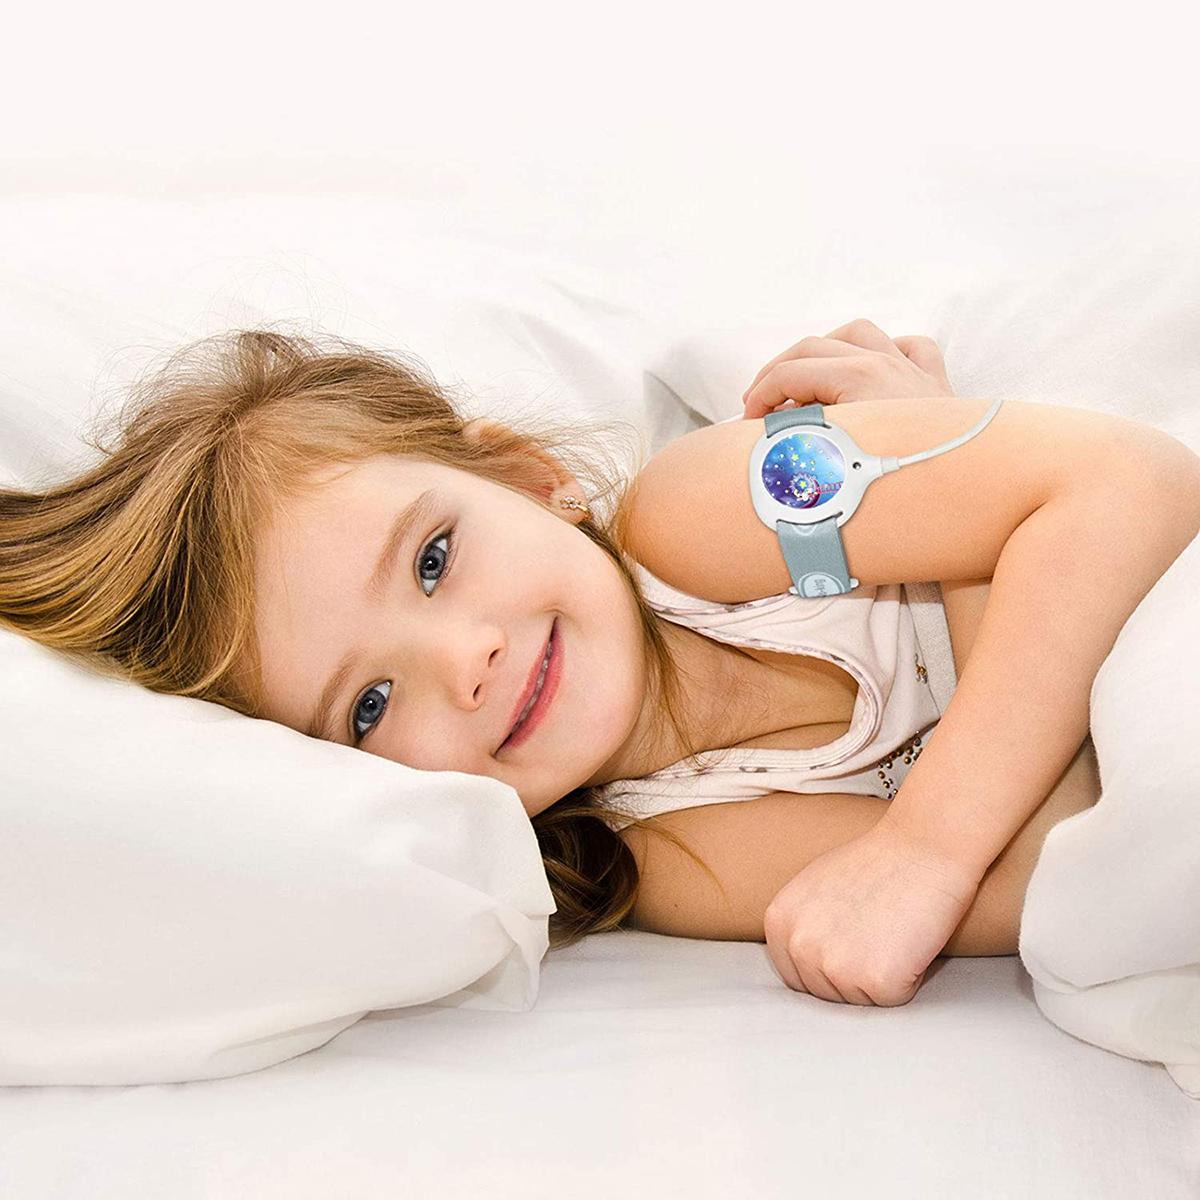 شب ادراری کودک : چه موقع به پزشک مراجعه کنیم؟